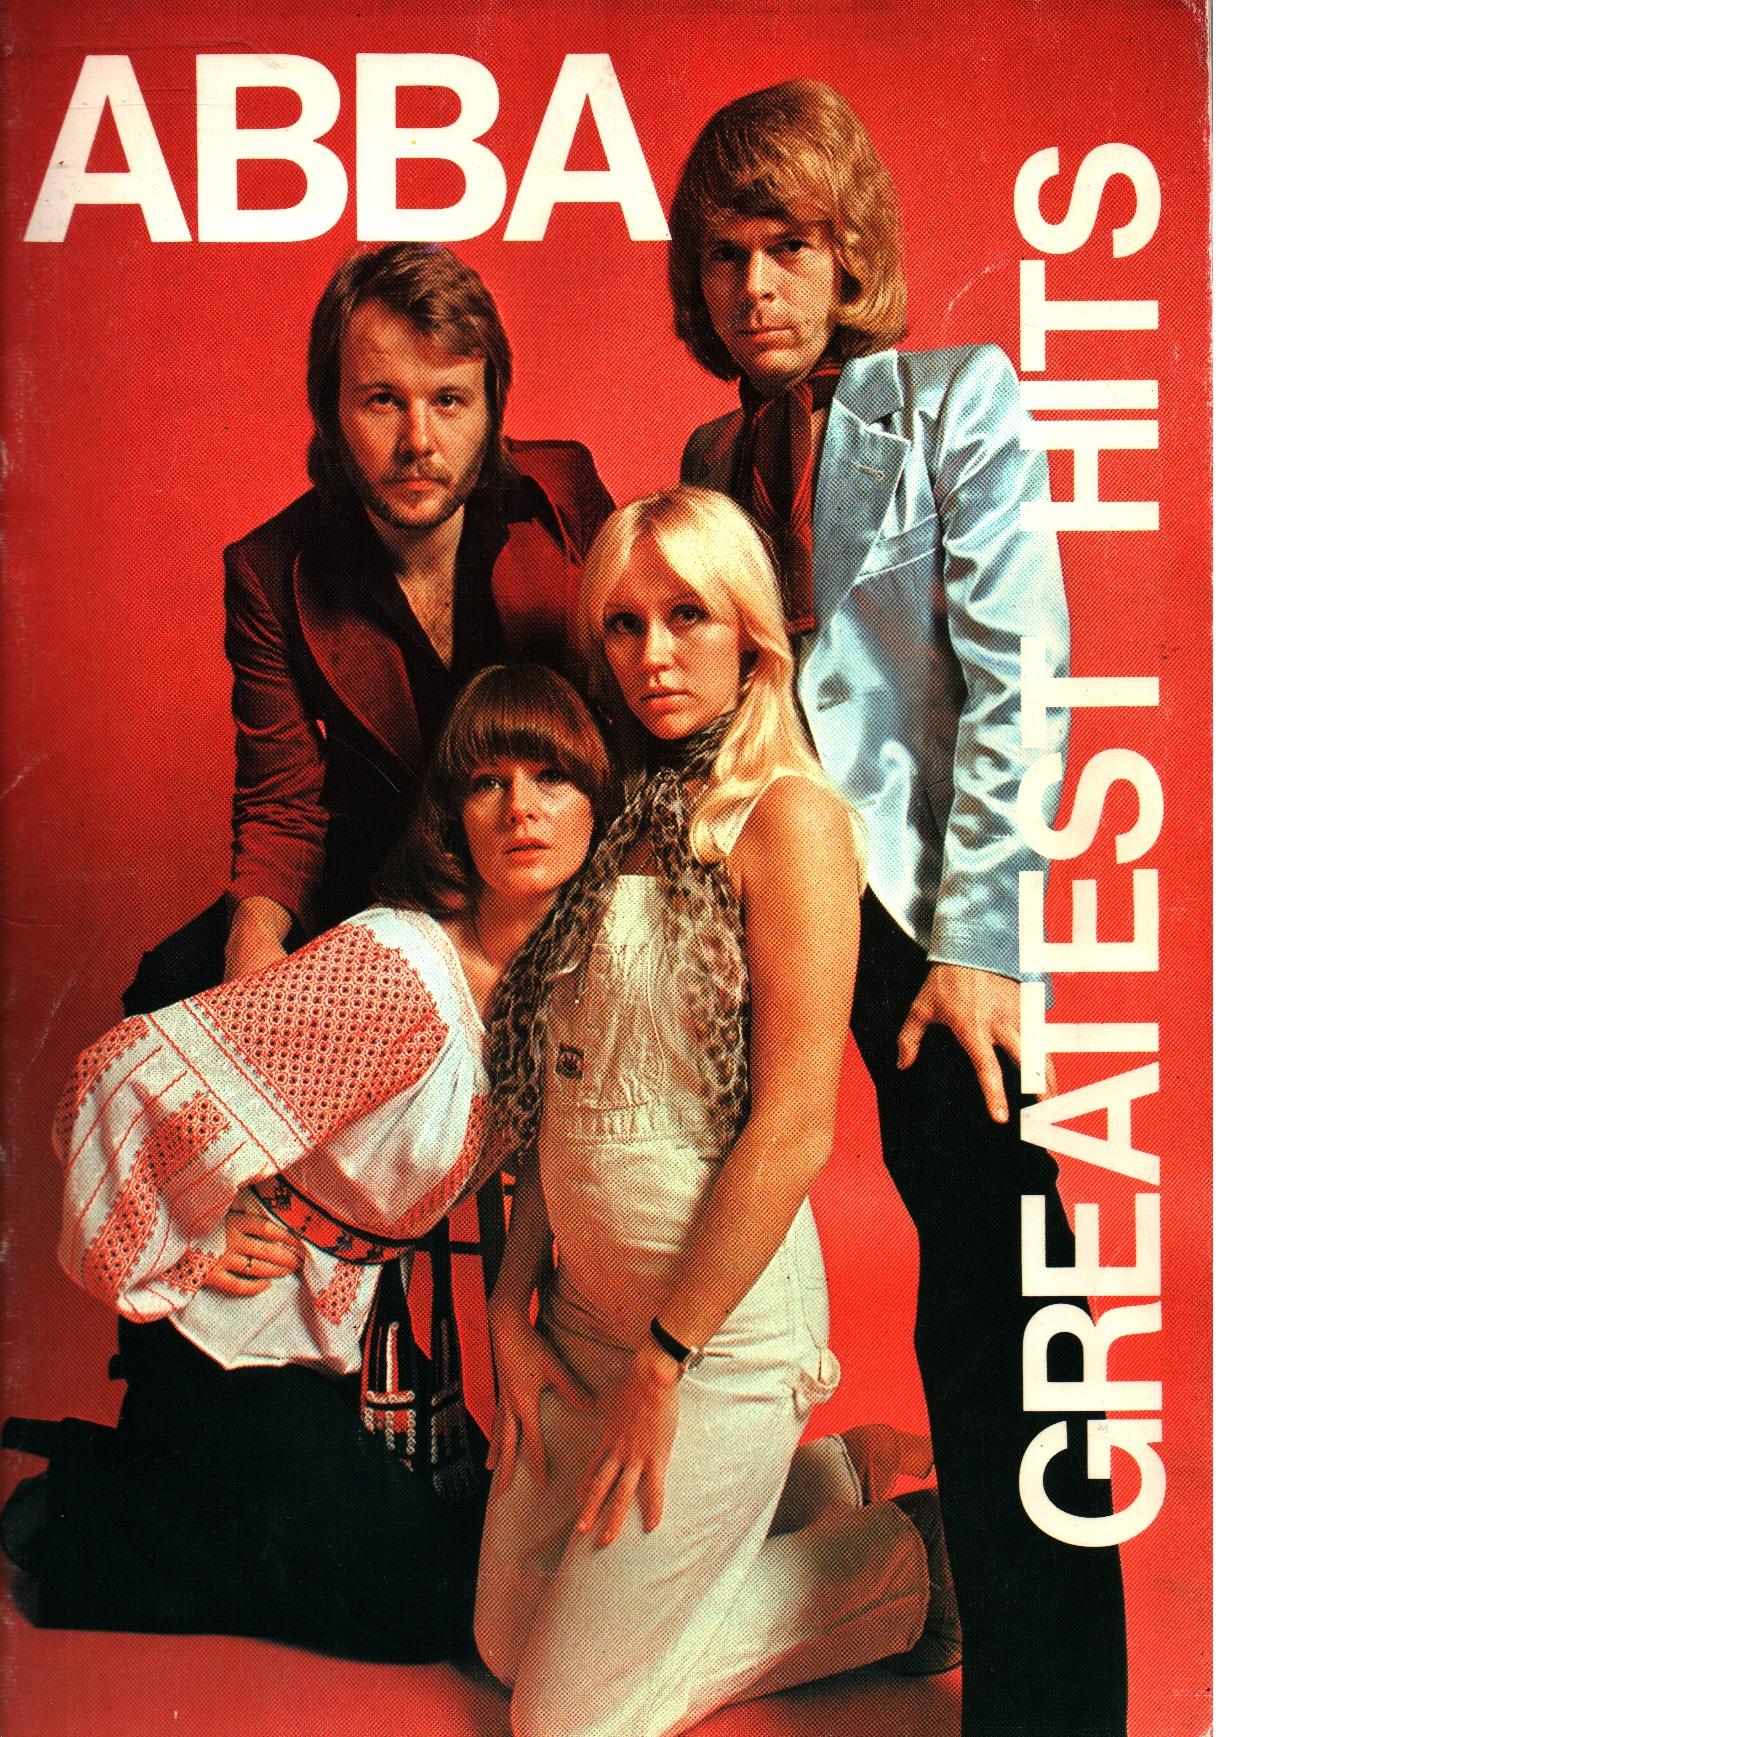 ABBA greatest hits. [Vol. 1] [Musiktryck] - Andersson, Benny Och Anderson, Stig Samt Ulvaeus, Björn